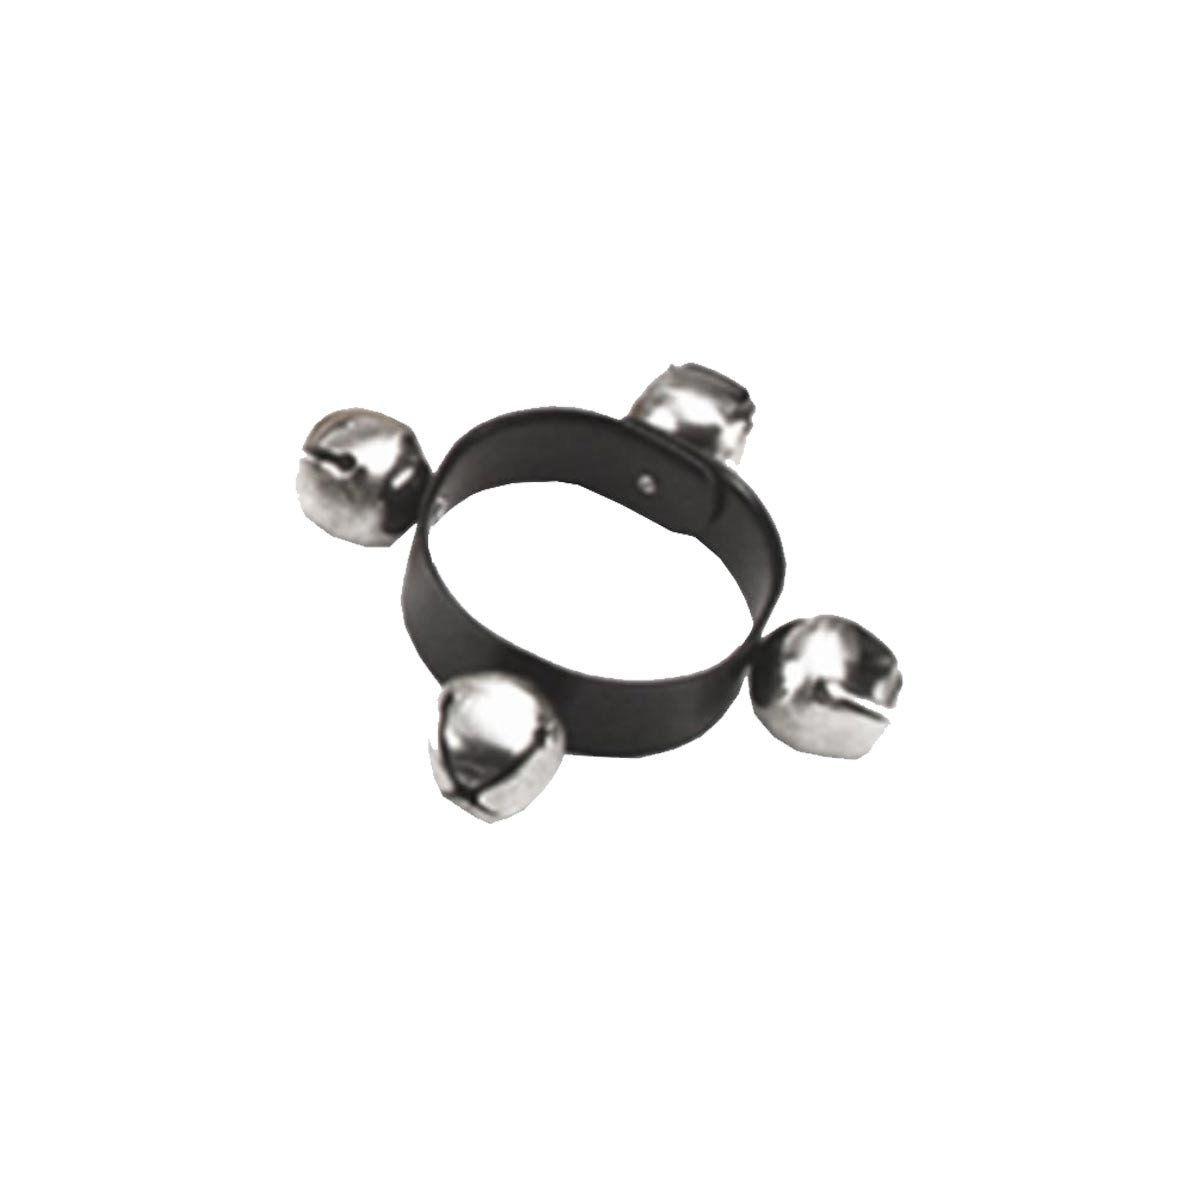 Campanela de Pulso c/ 4 Esferas de Metal - TB 3004 CSR